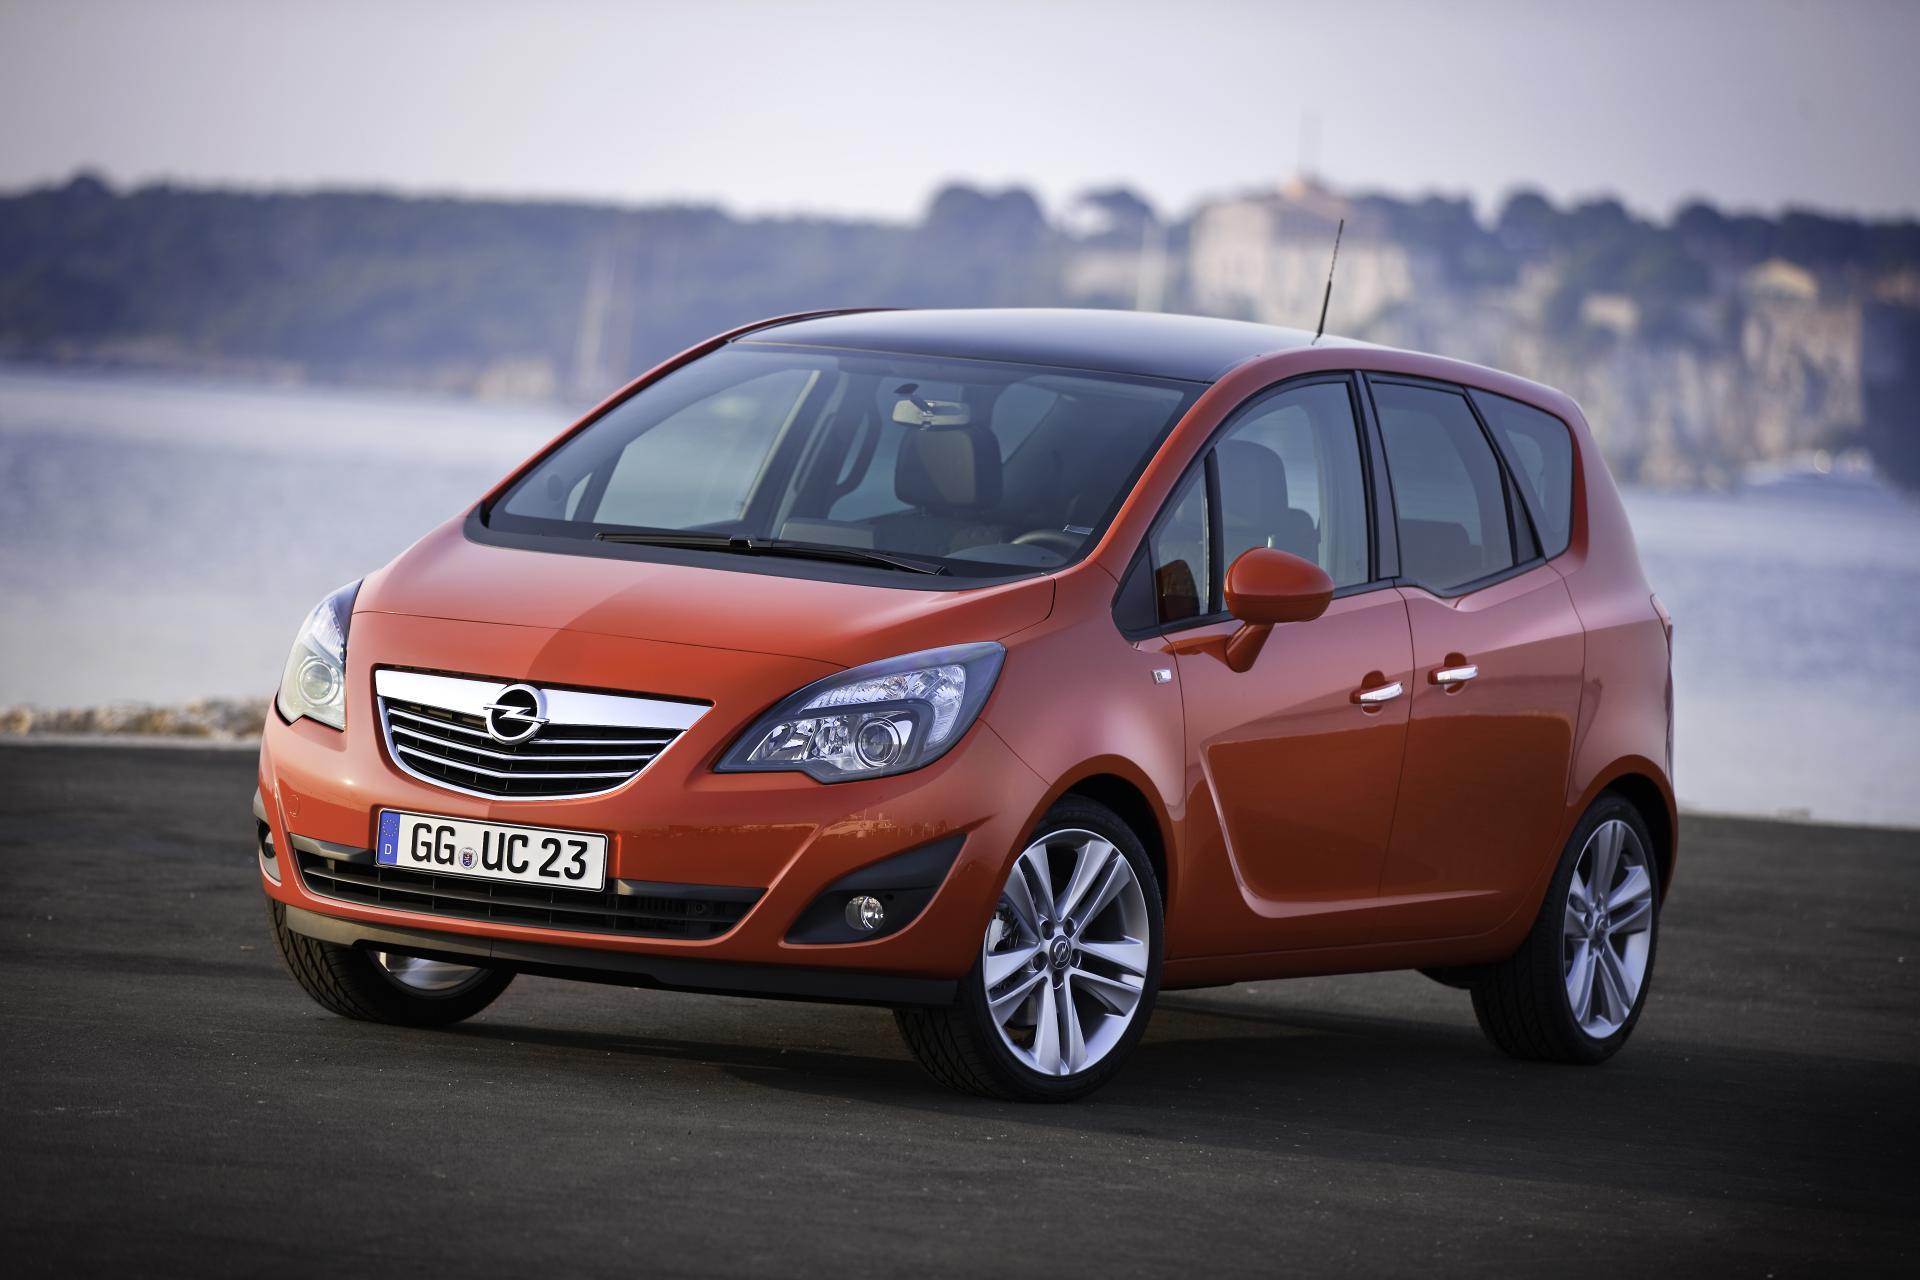 2012 Opel Meriva - Picture 73215